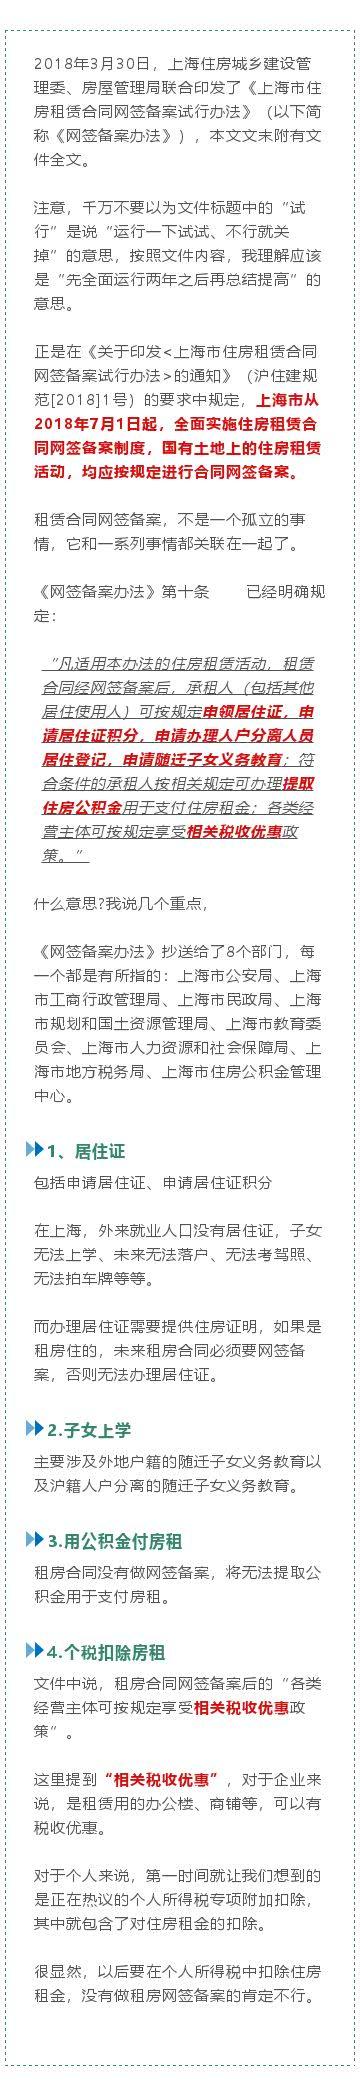 表情出大事了7月1日起,上海租赁合同一律网签备案天天快报表情